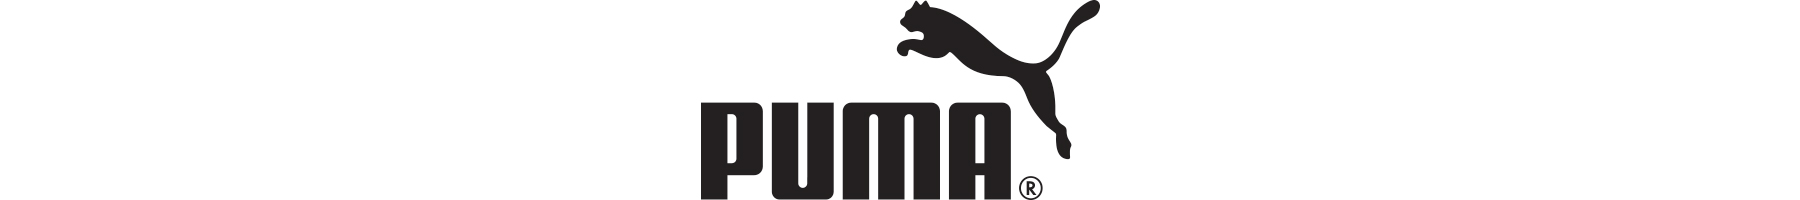 DrJays.com - Puma